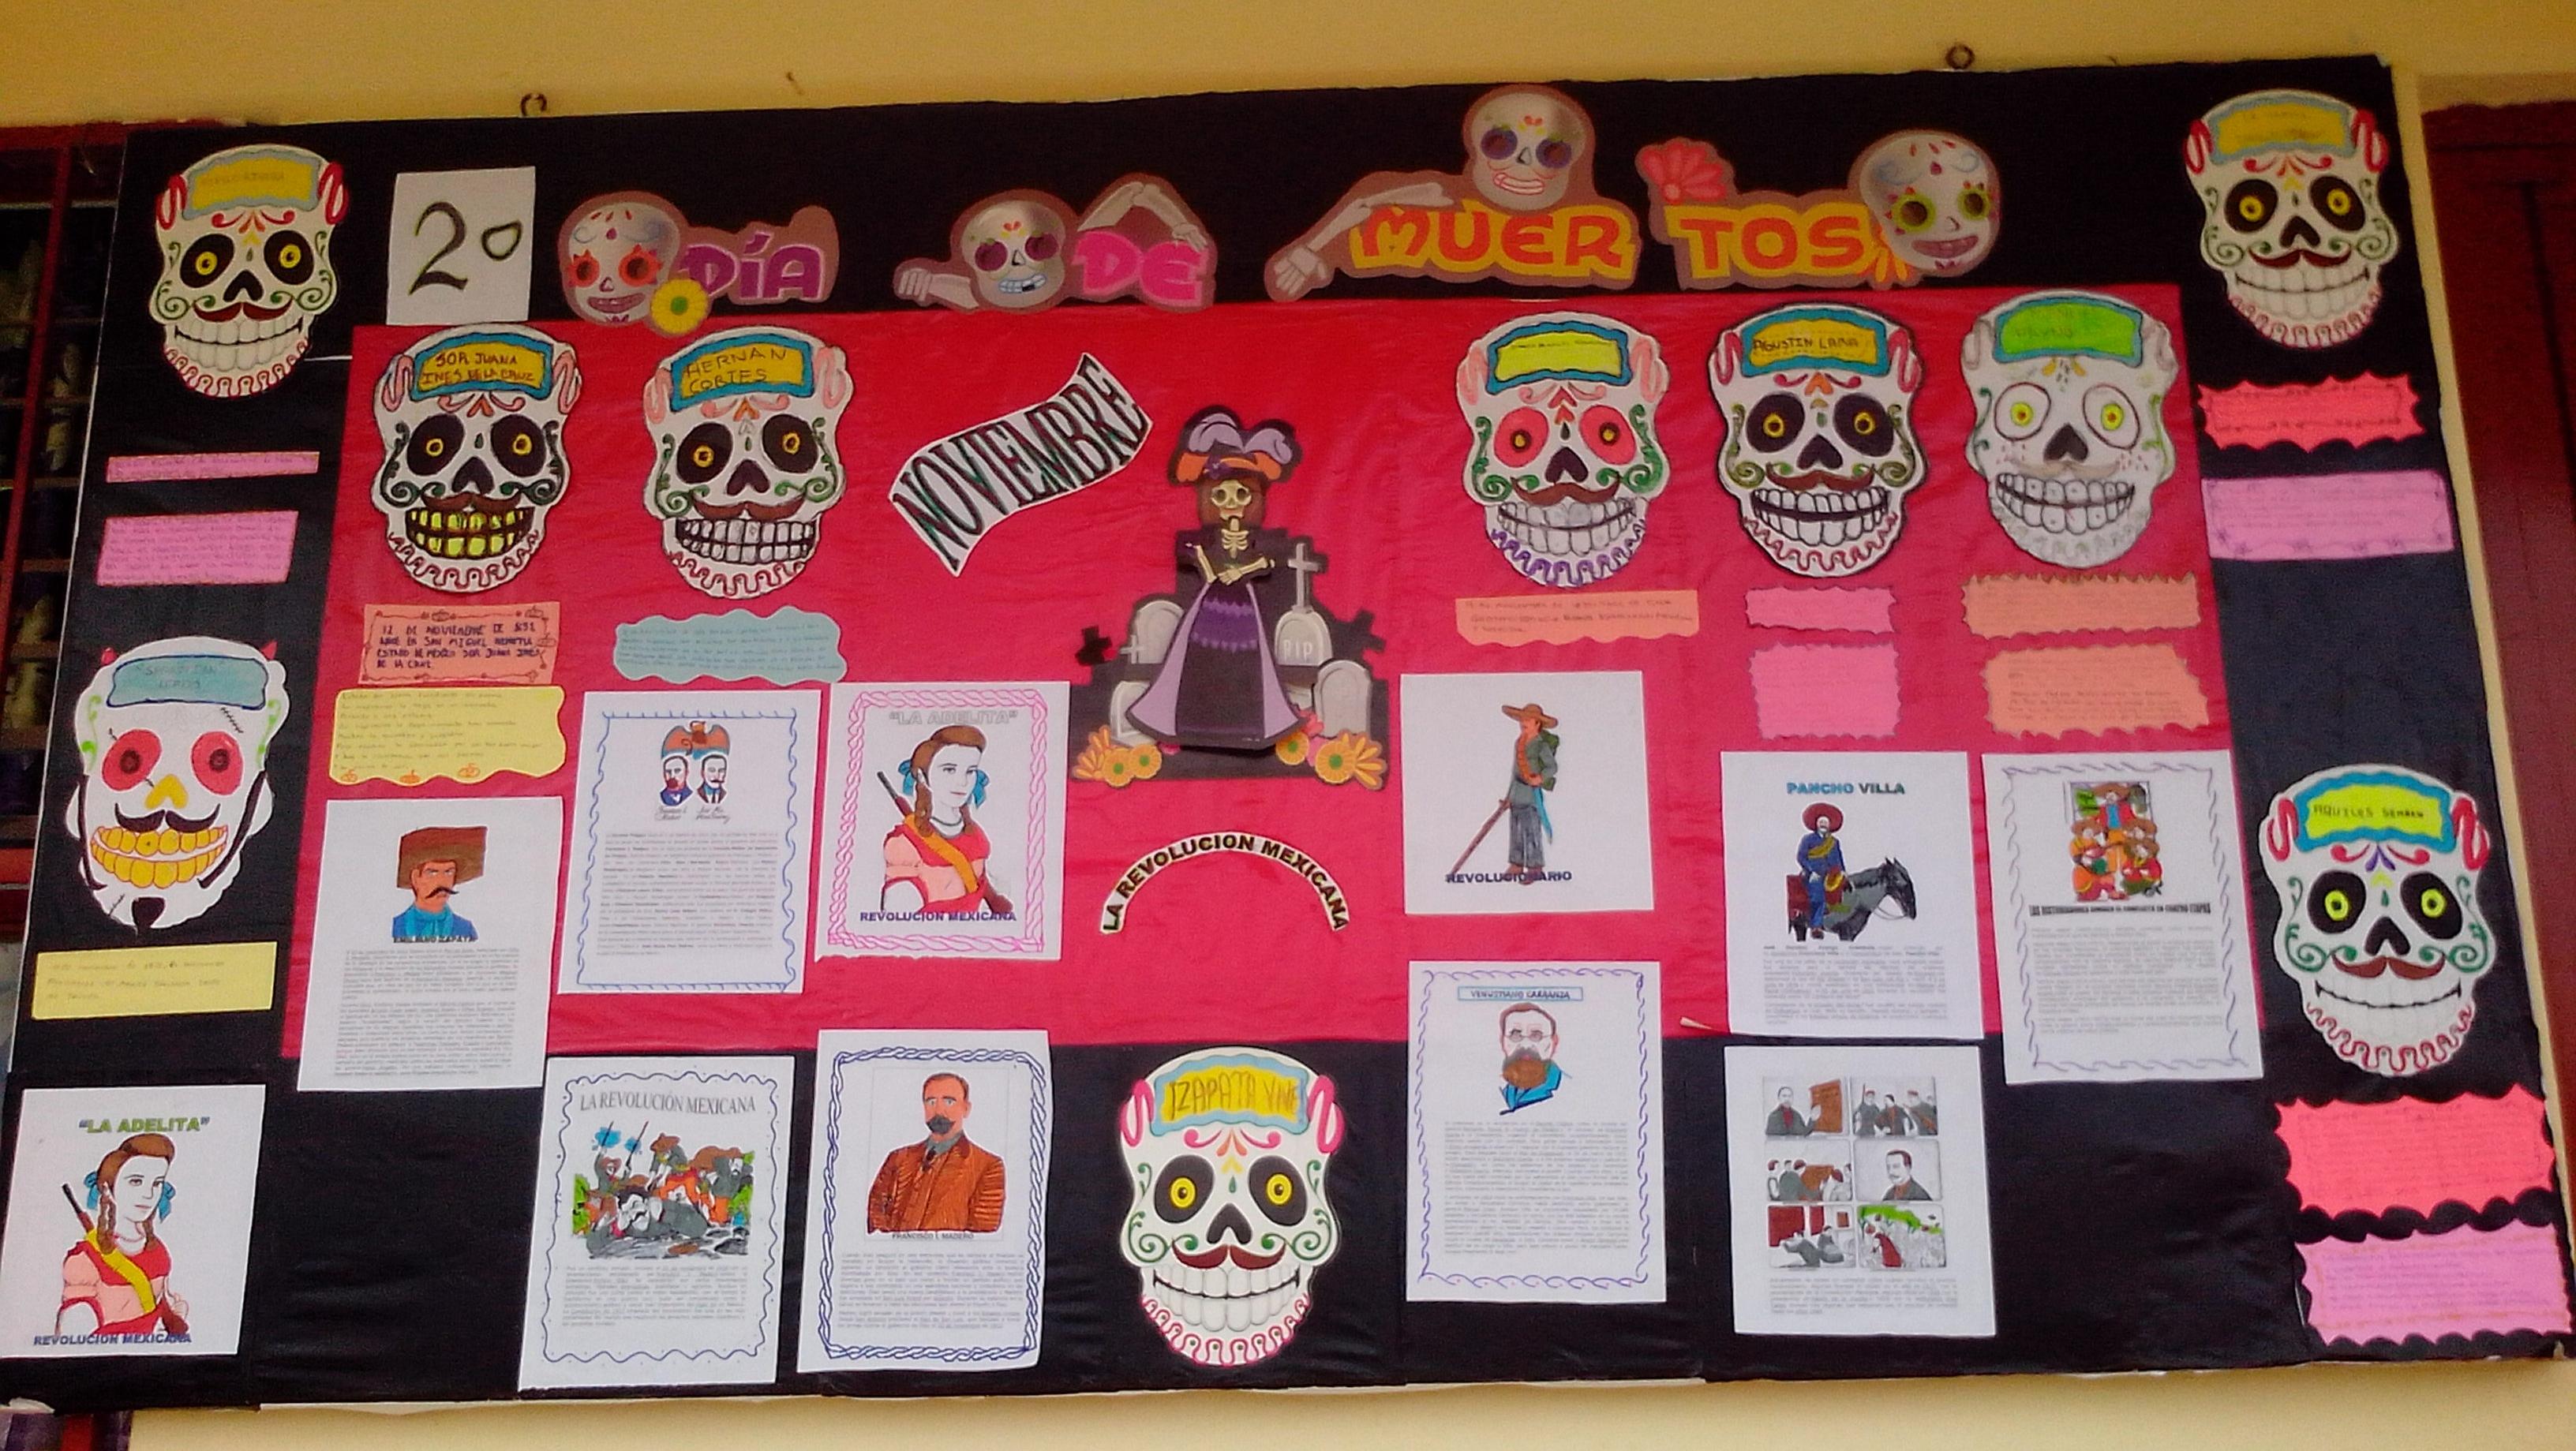 Periodico mural noviembre 8 imagenes educativas for Componentes de un periodico mural